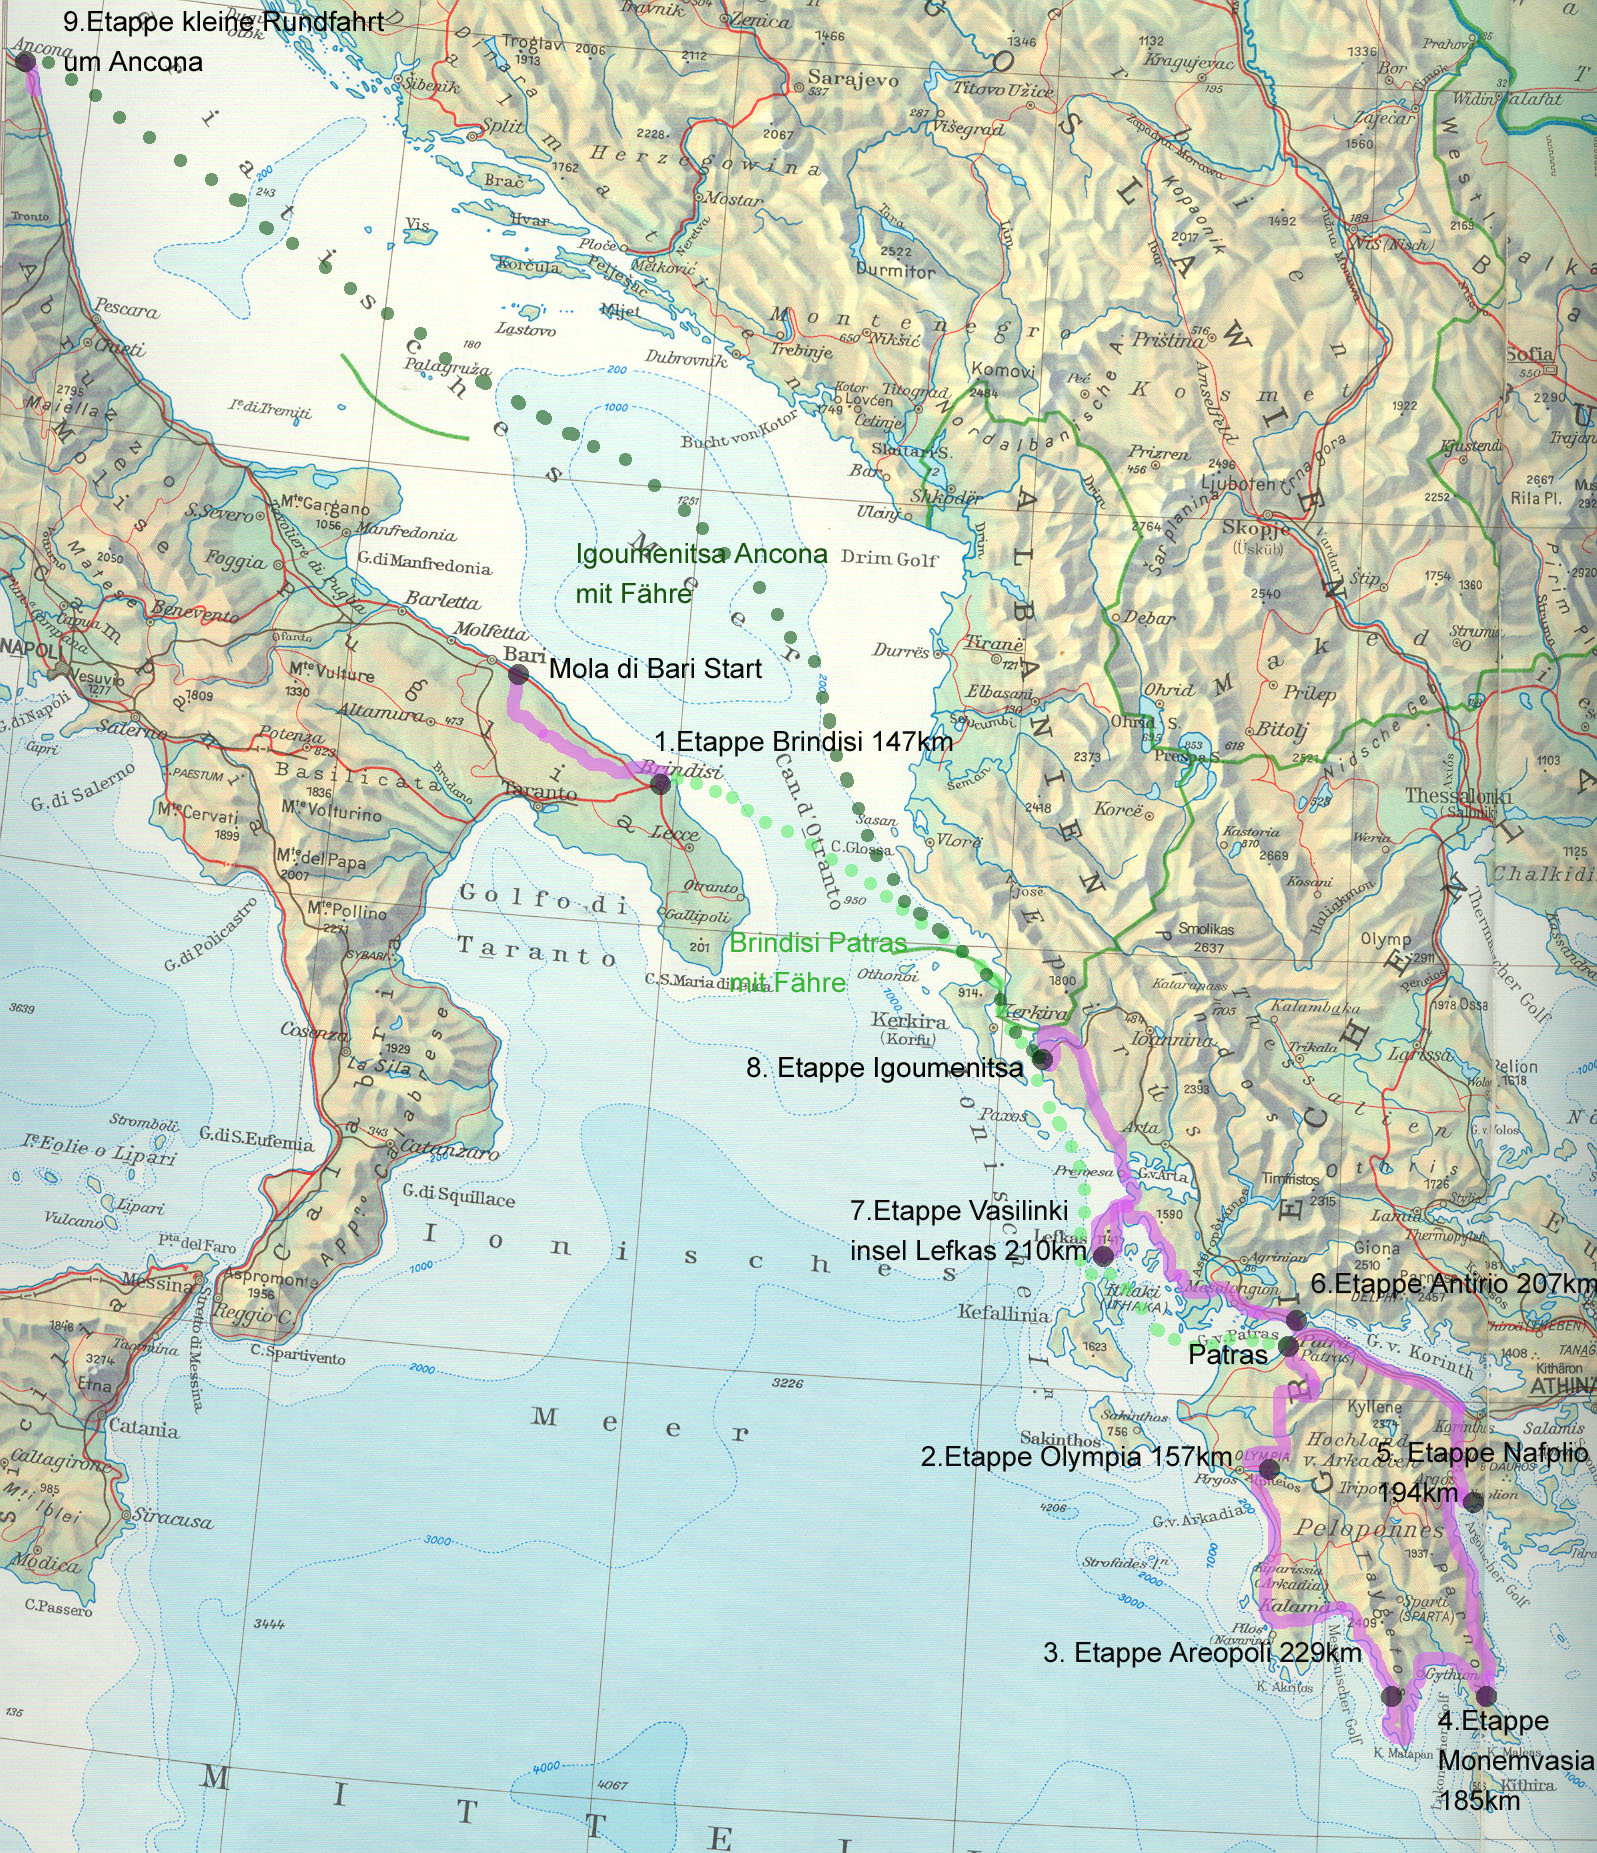 Karte Griechenland Peloponnes.Velotour Durch Griechenland 16 Bis 24 Marz 2008